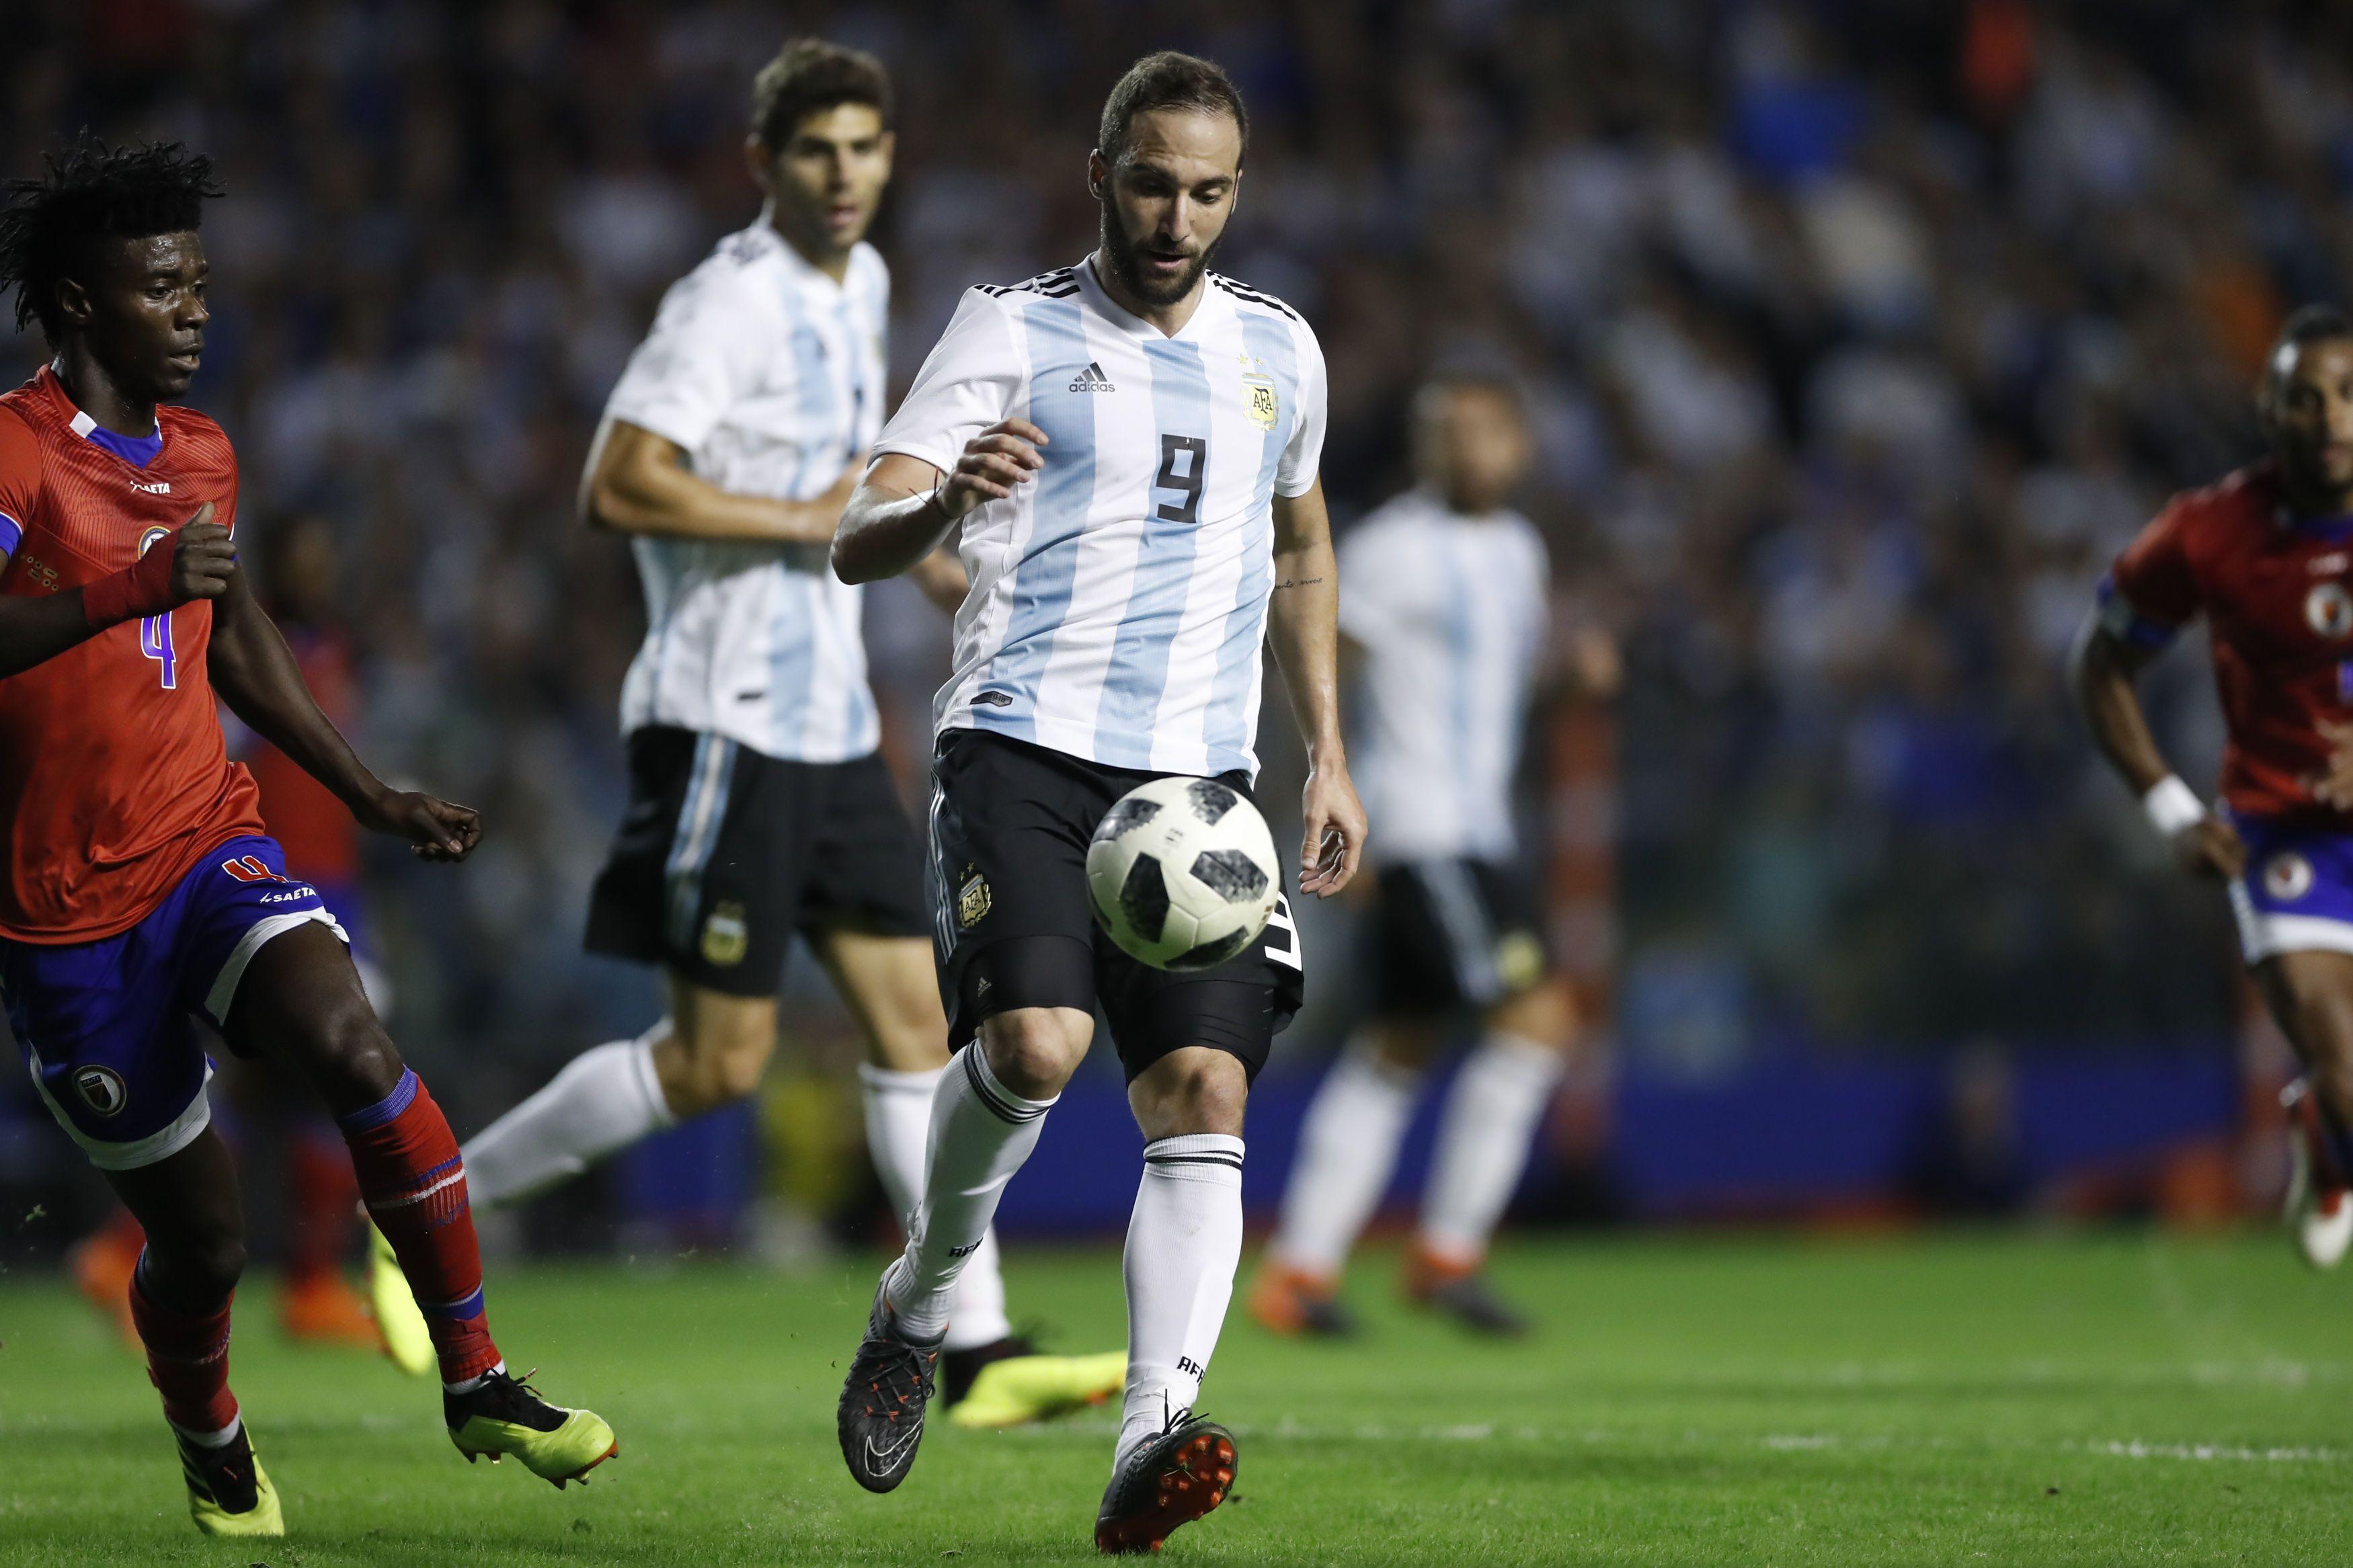 La estadística que preocupa a Sampaoli y a todo Argentina: ¿hace cuánto que Higuaín no hace un gol?